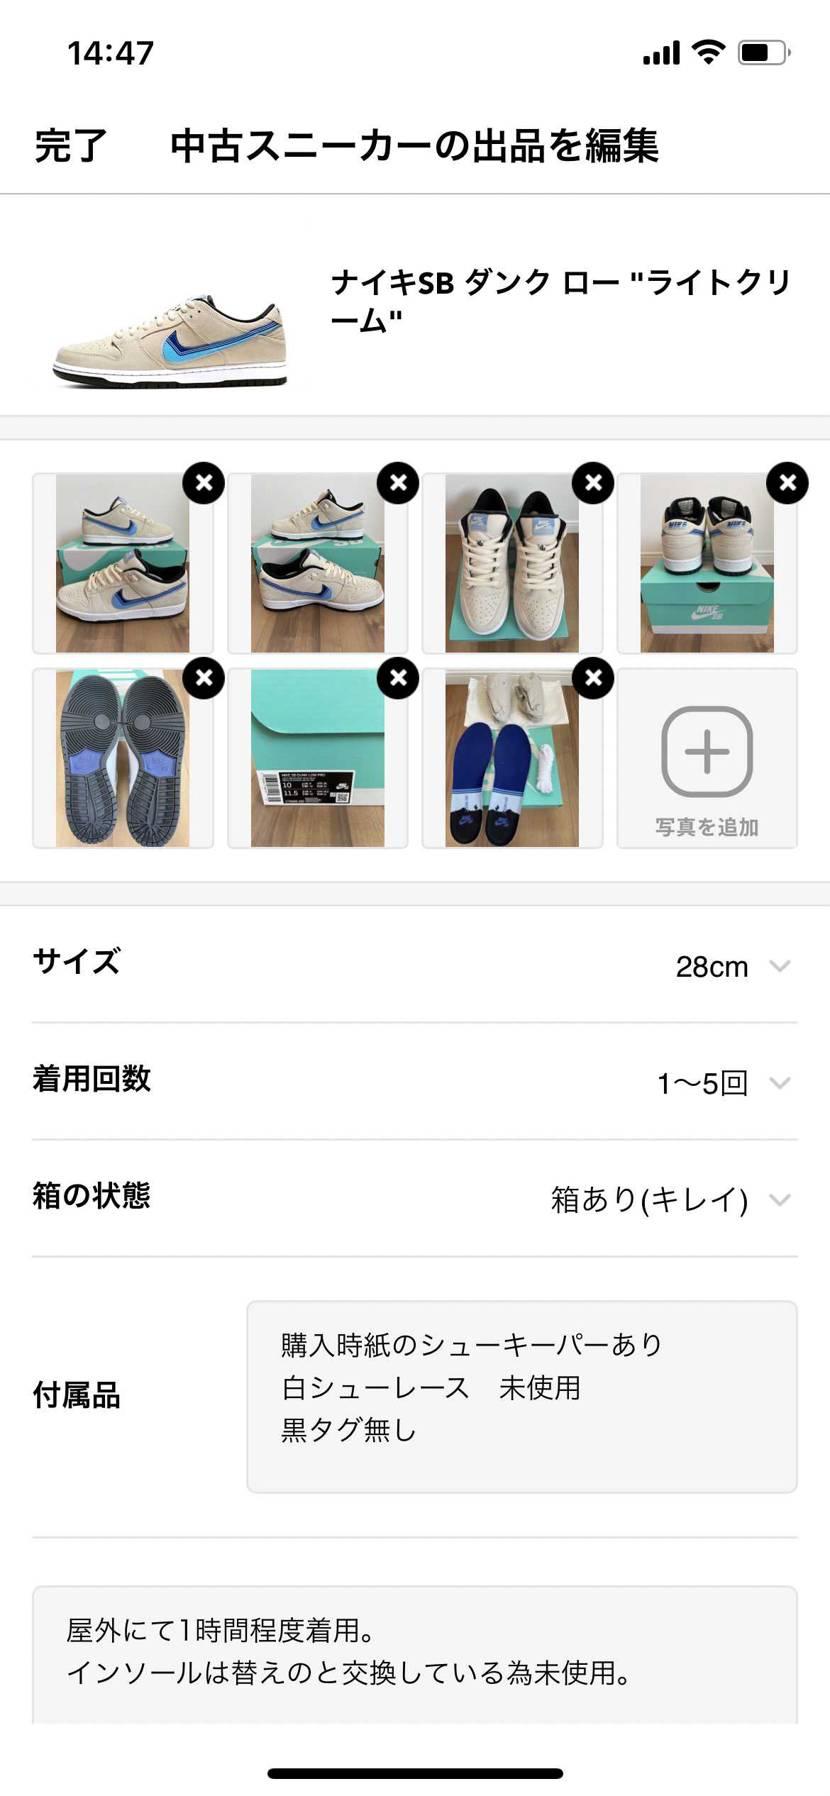 ¥23000にて中古出品致しました、是非宜しくお願い致します